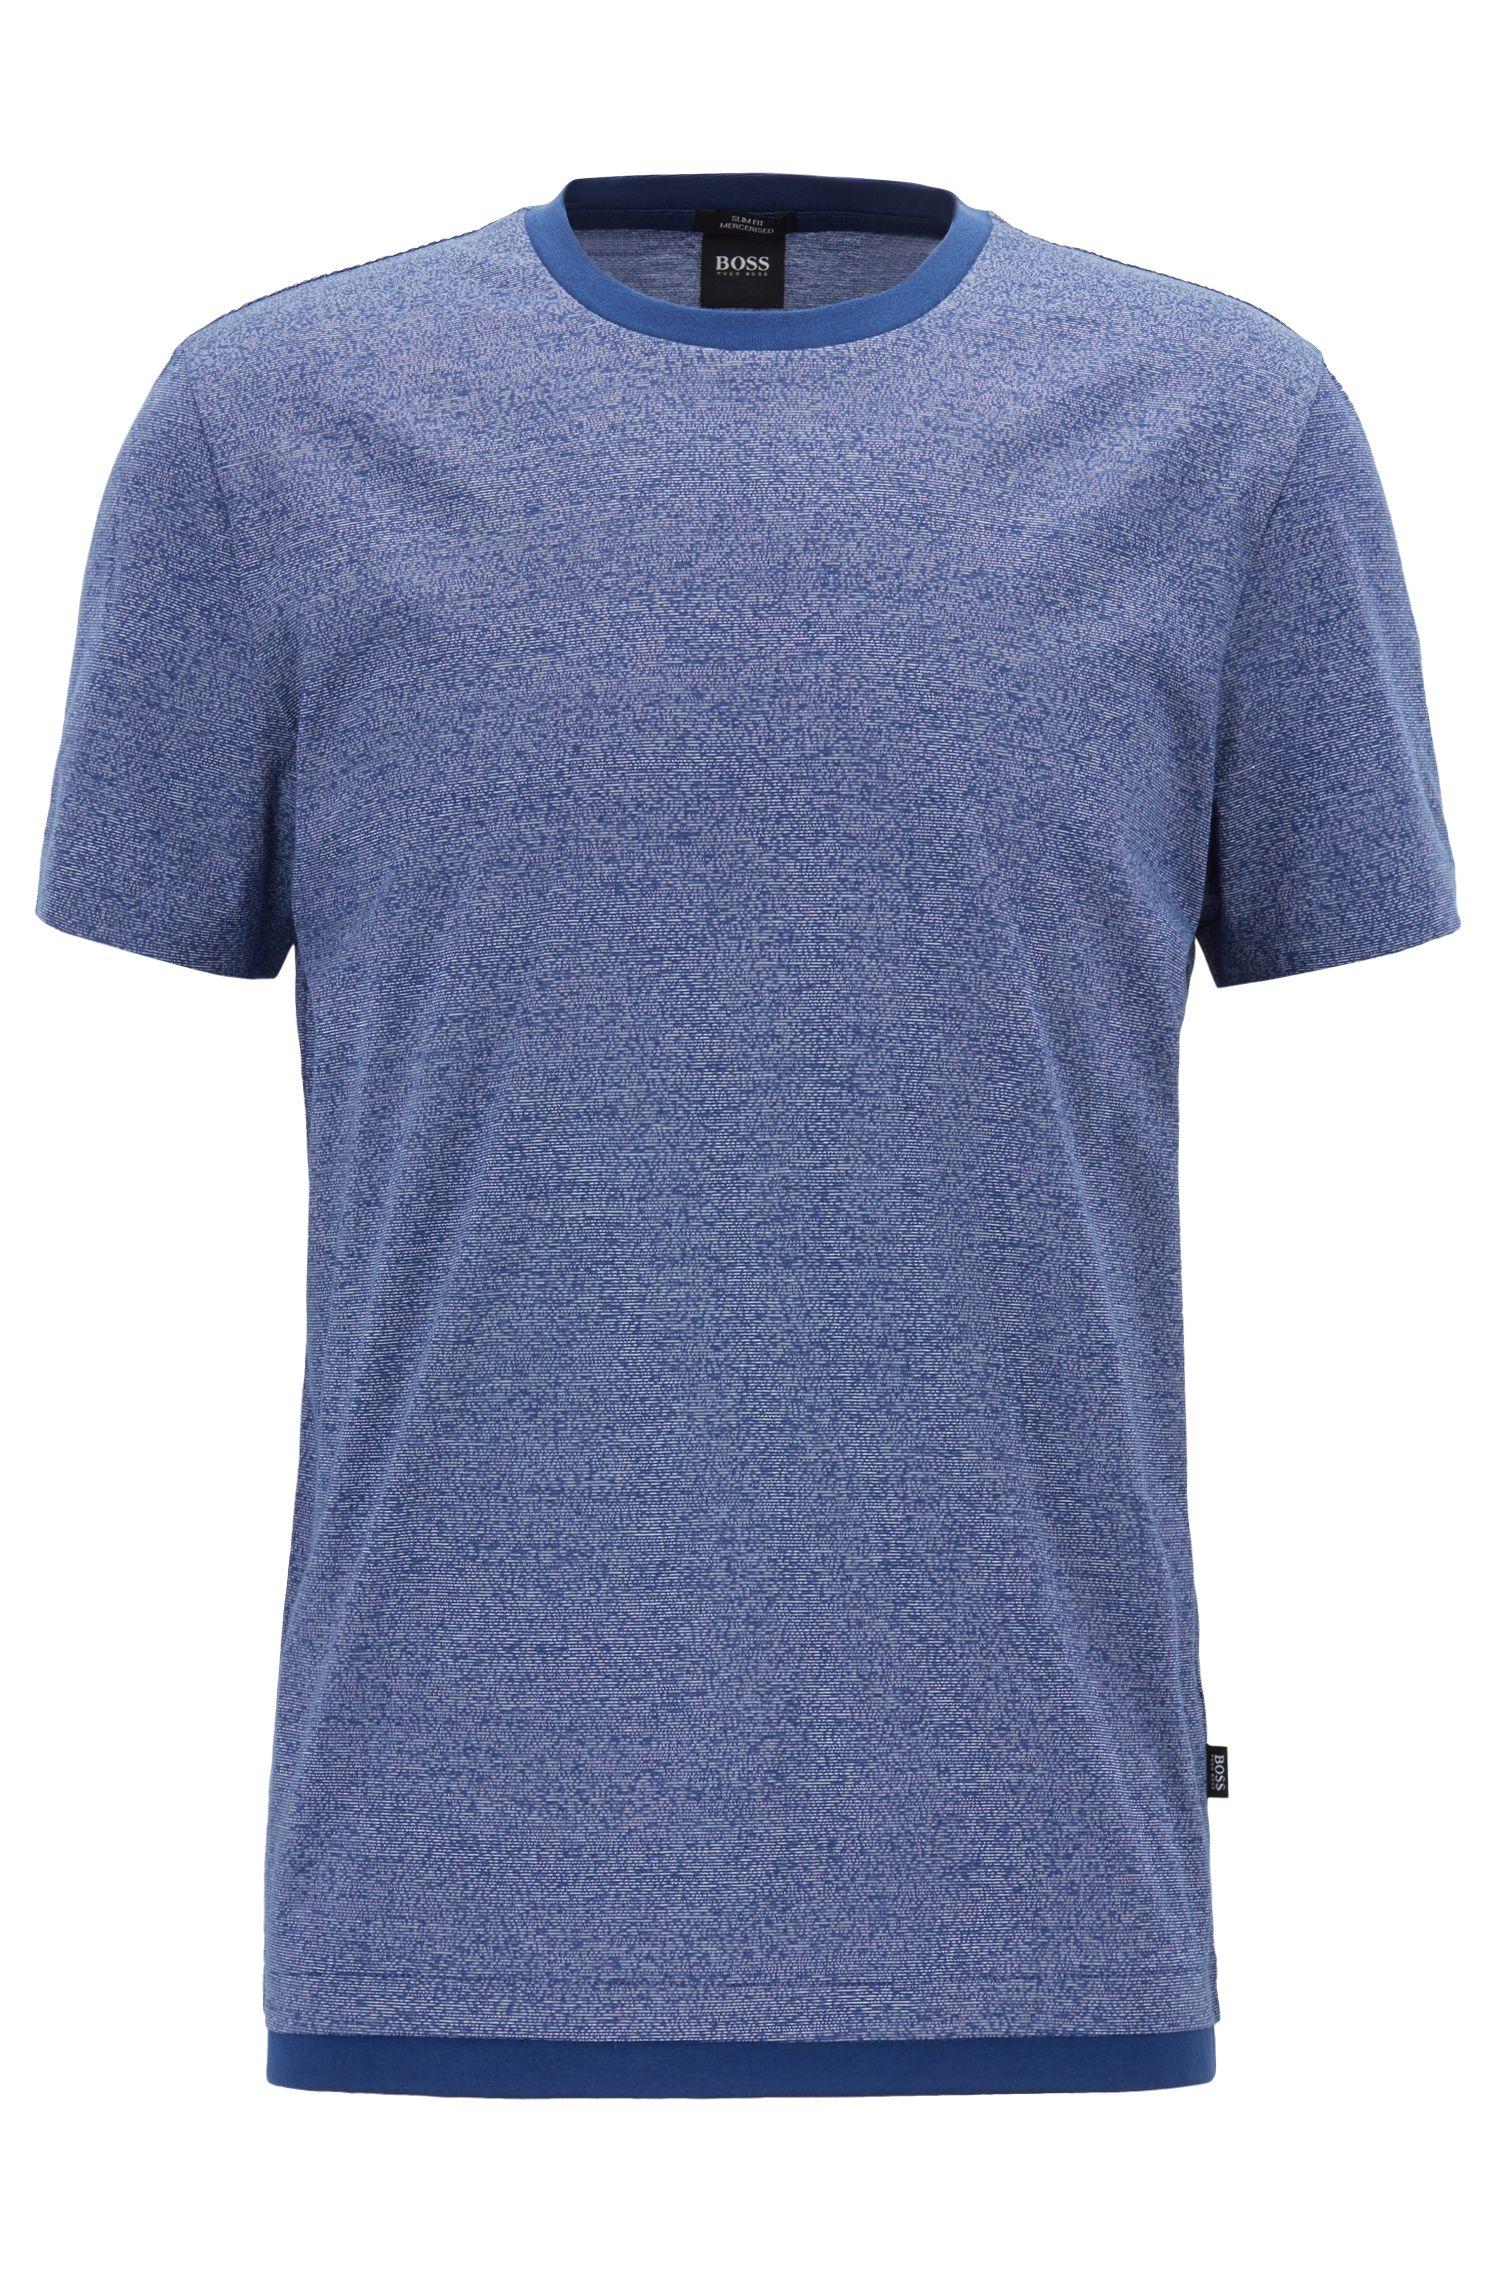 T-shirt Slim Fit en coton mouliné mercerisé, Bleu foncé